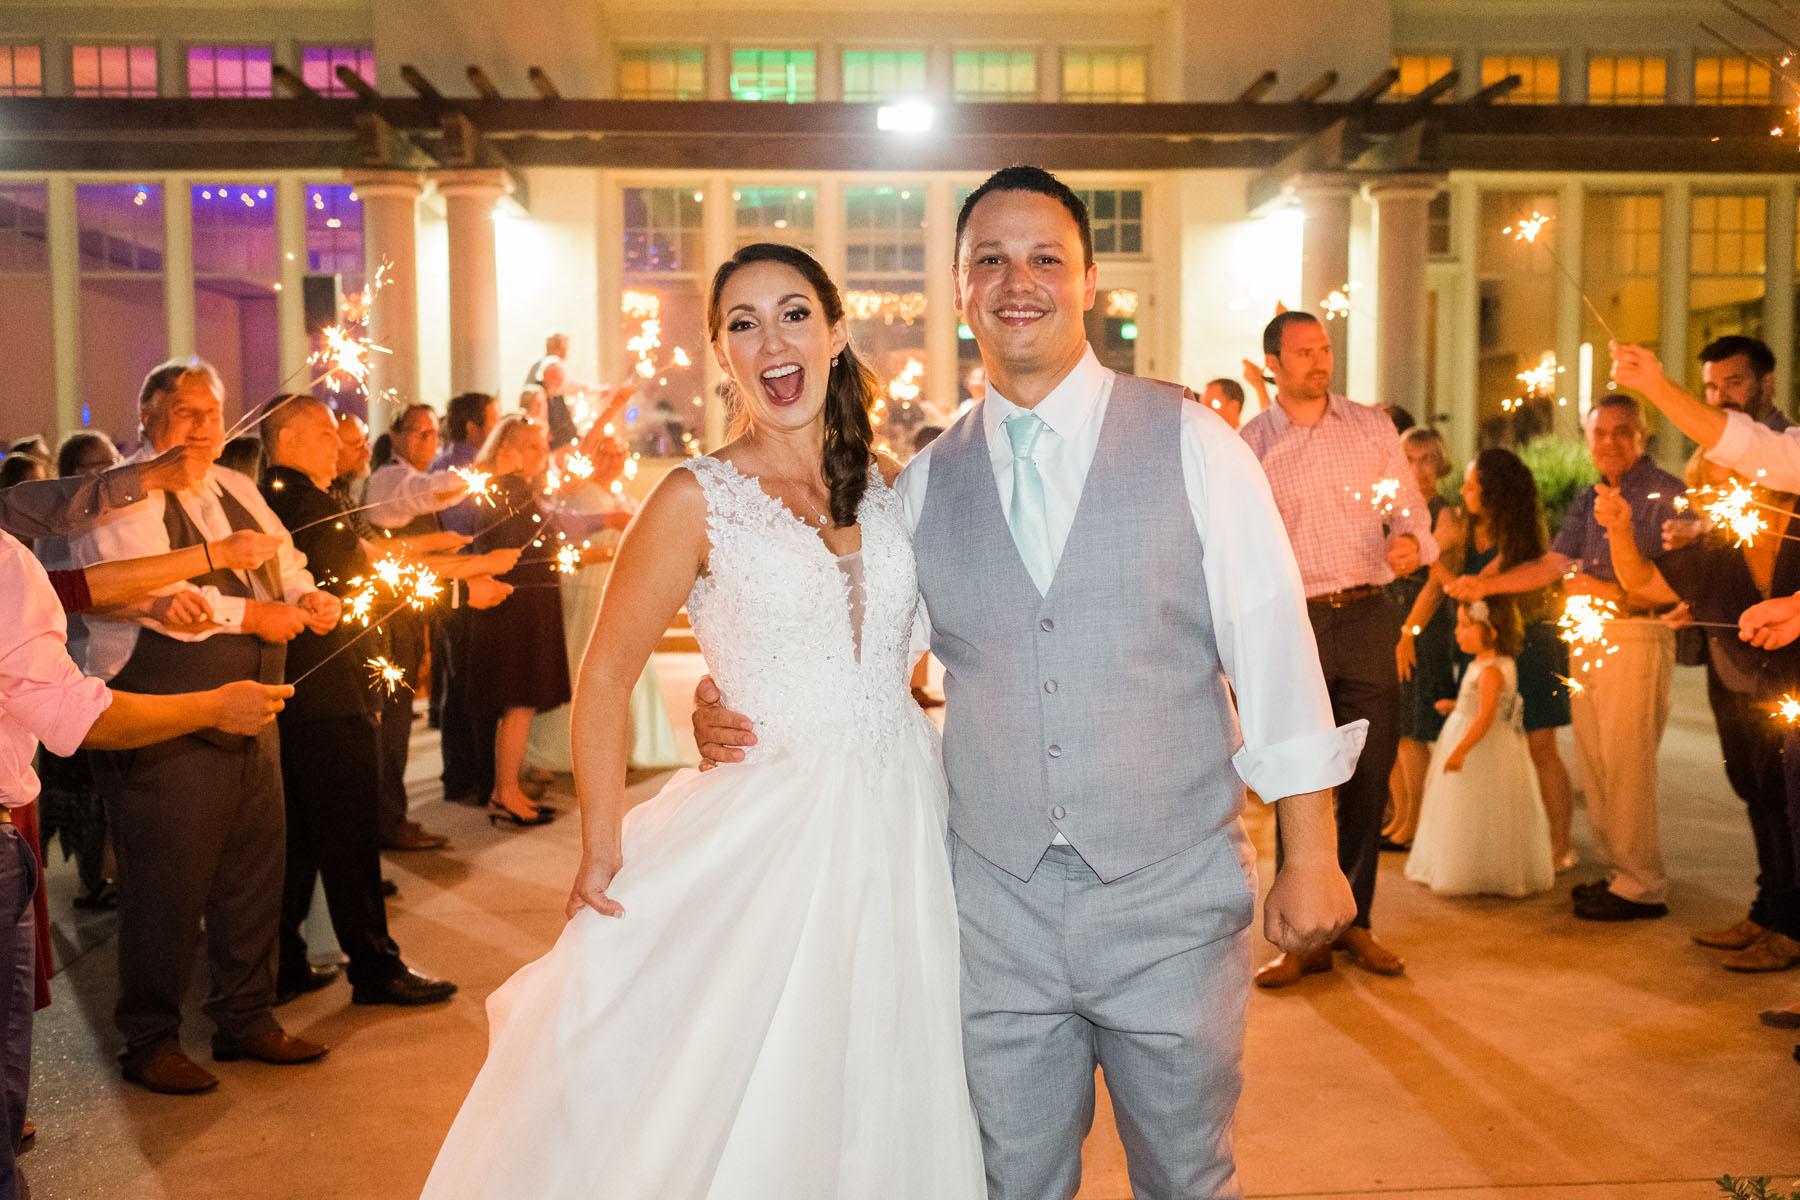 8-11-18 Vanessa and Andrew - 309.jpg